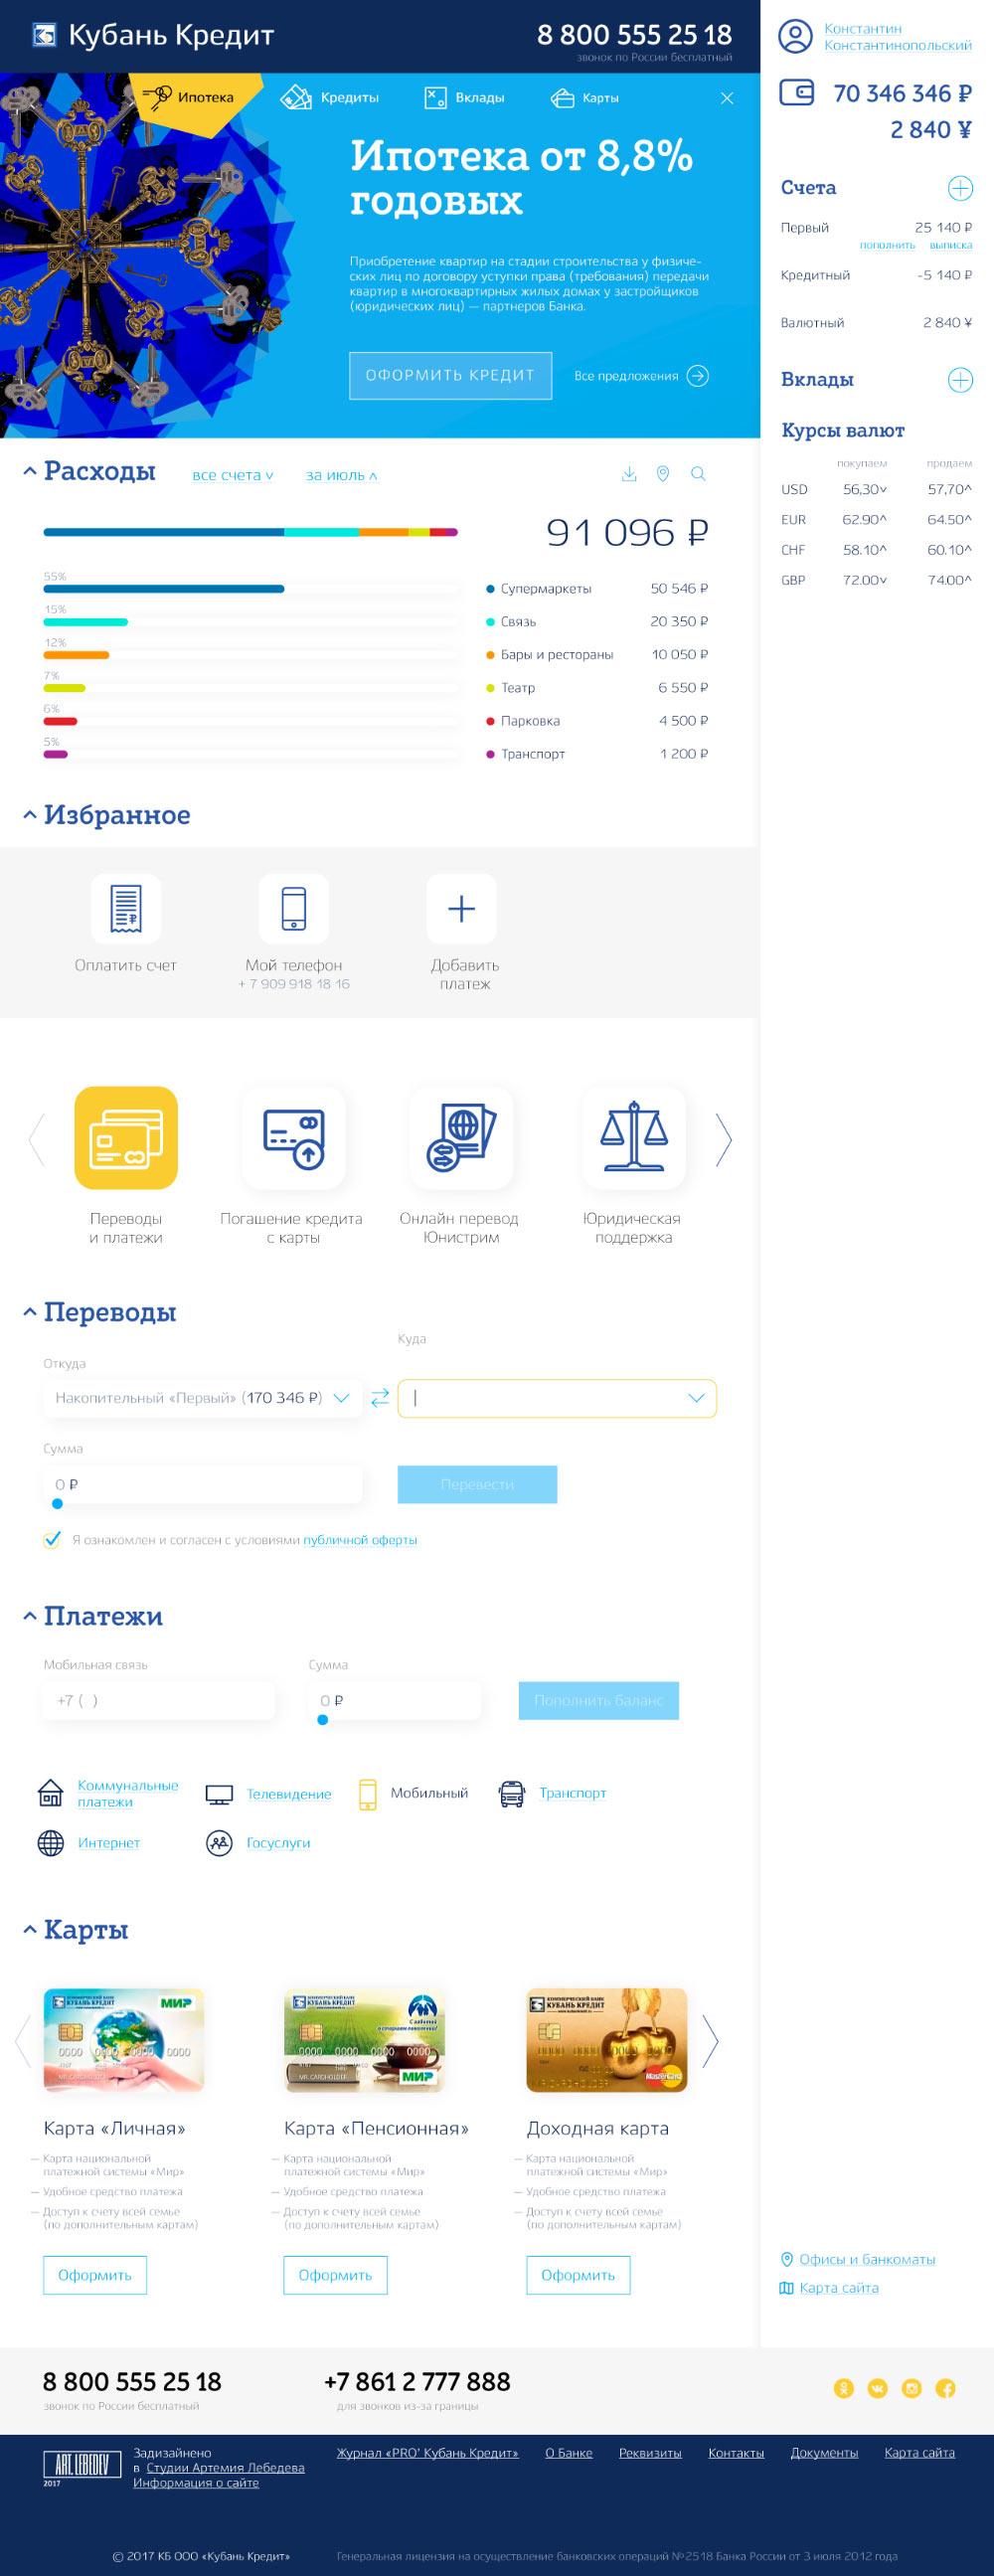 кубань кредит интернет банк кредит 50000 грн на 2 года